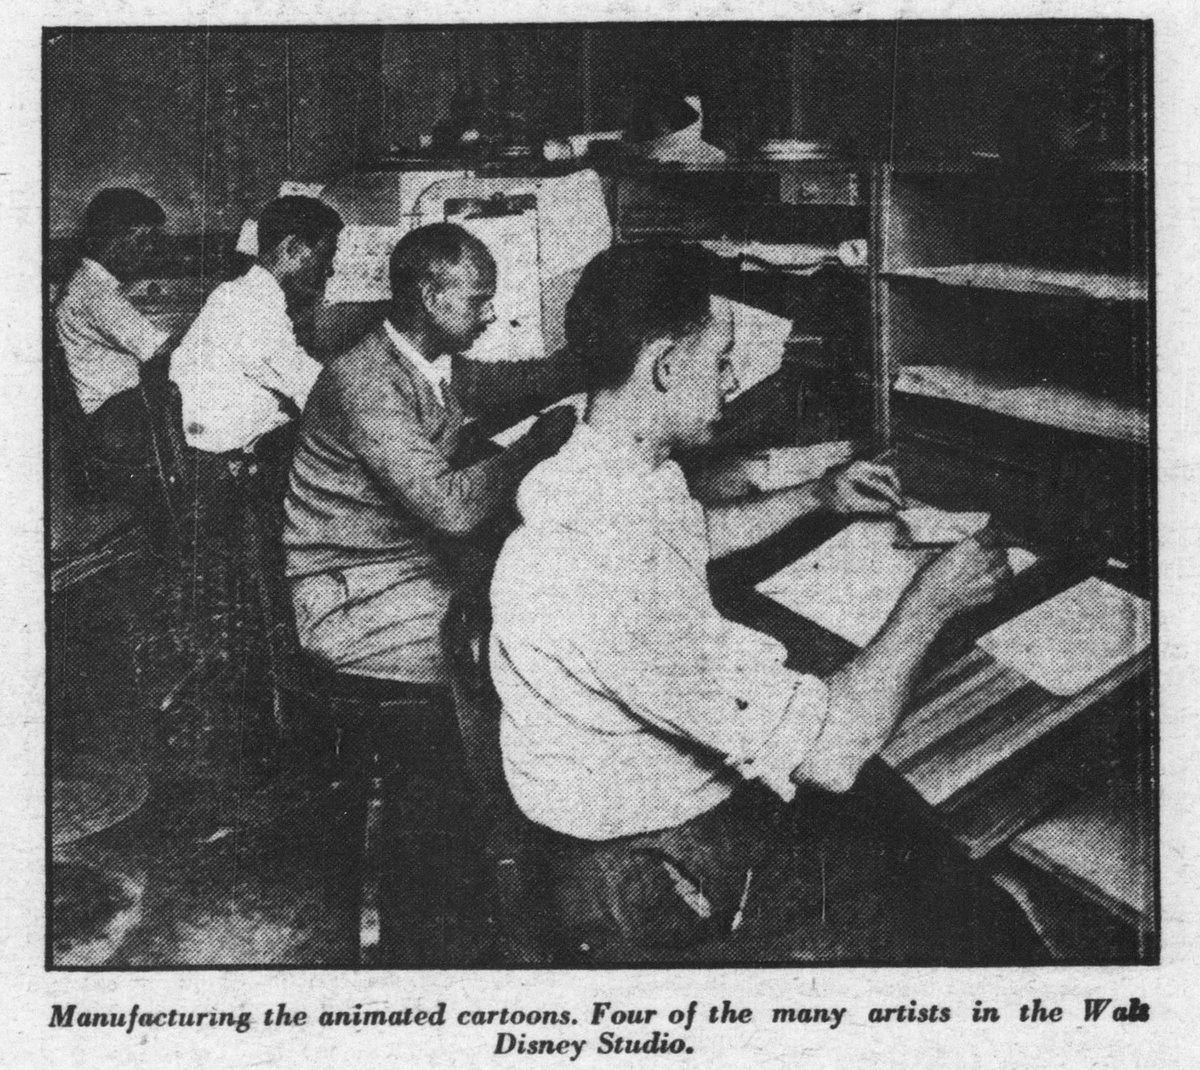 librarycongress photo